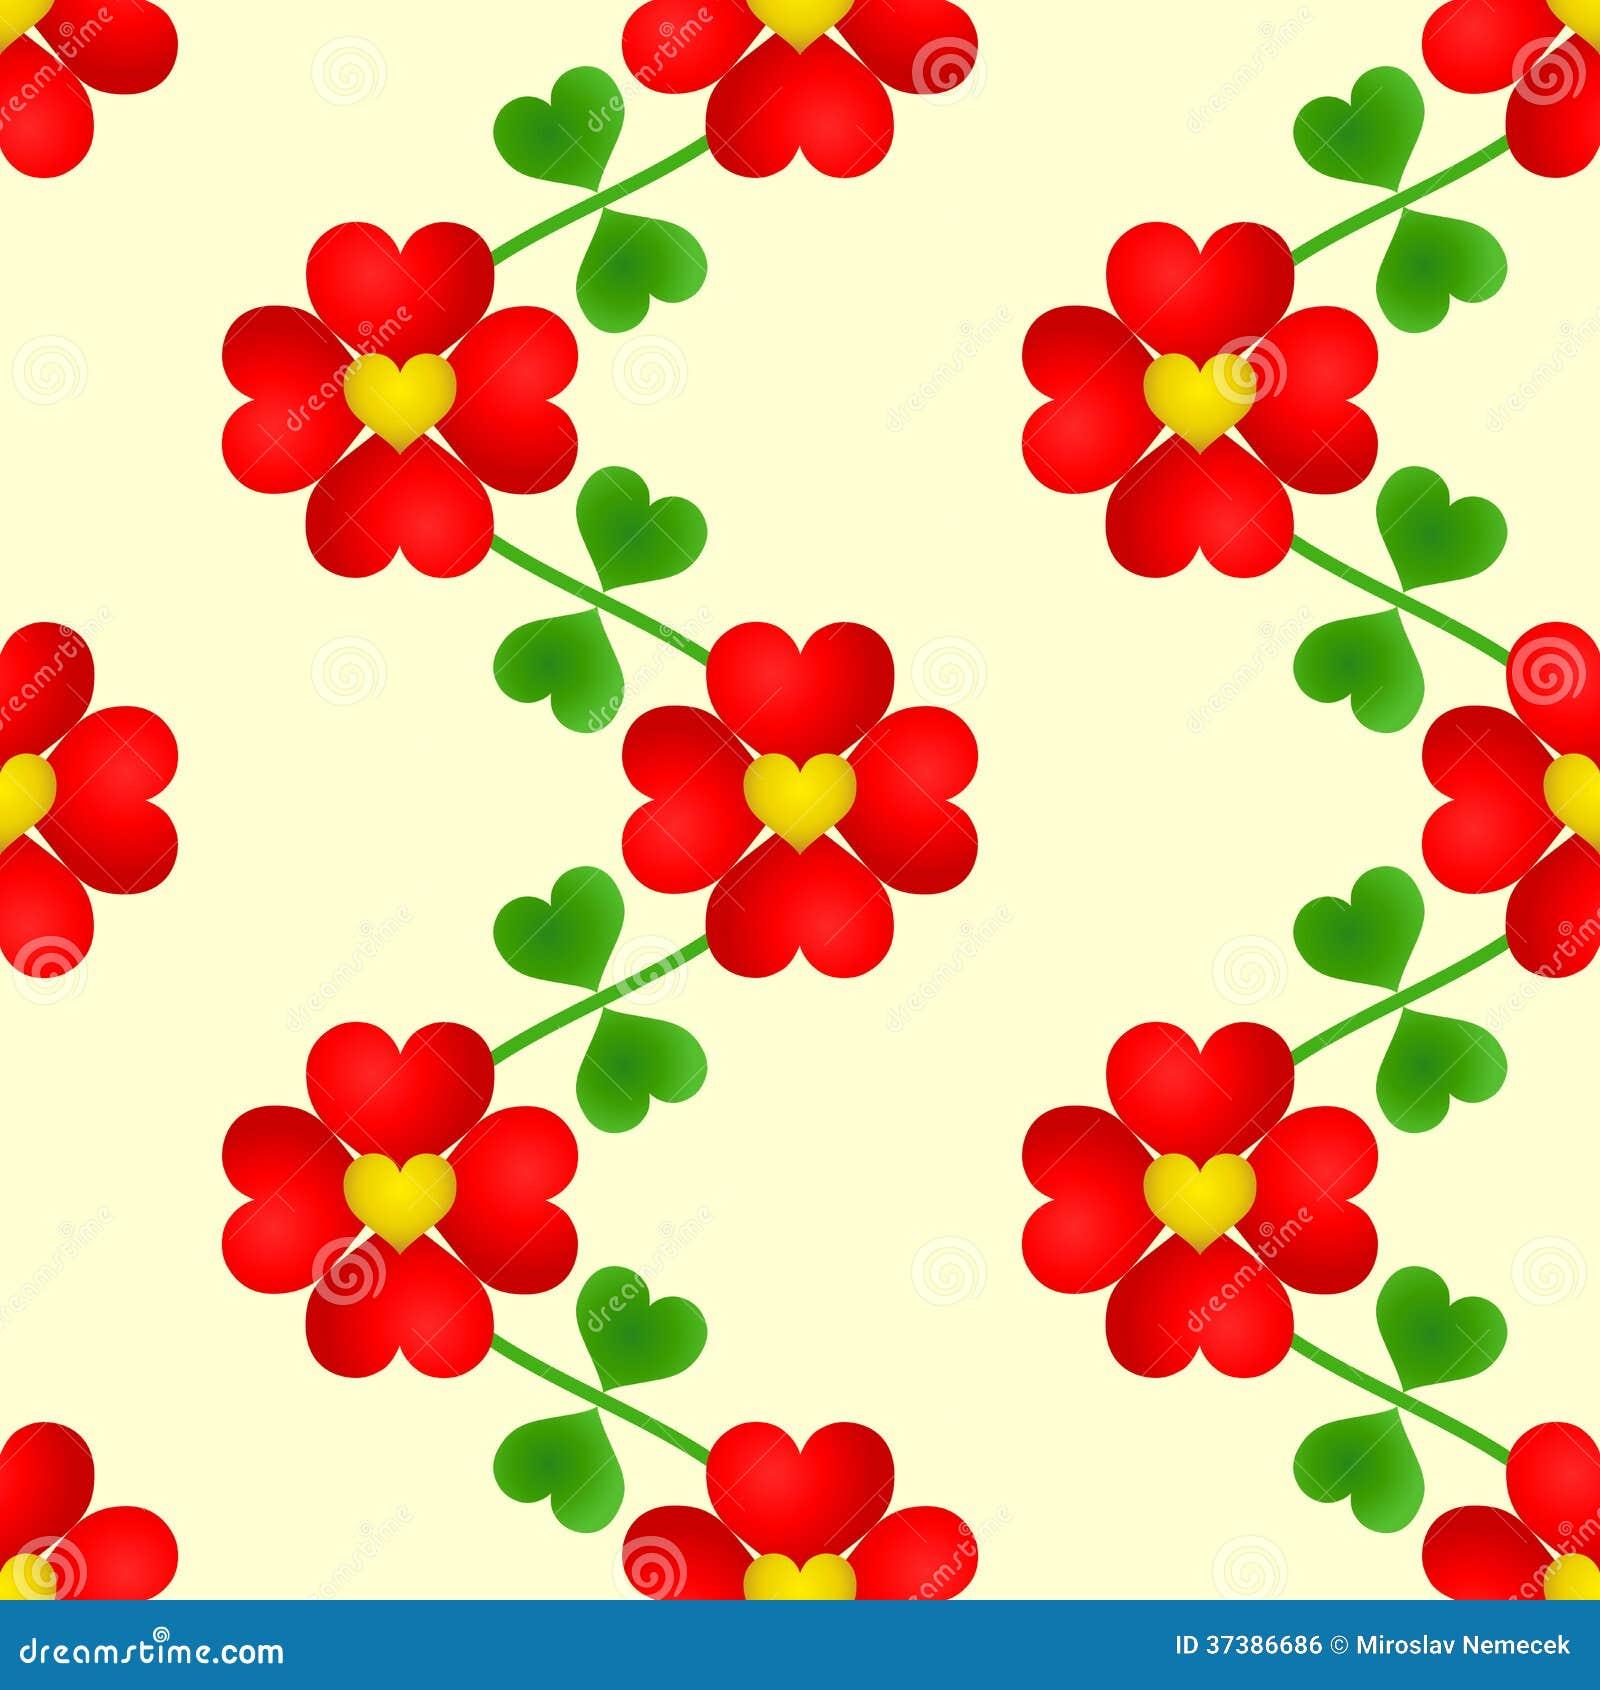 Papel De Parede Sem Emenda Da Flor Do Cora O Ilustra O Do Vetor  -> Modelos De Papel De Parede Em Forma De Flores